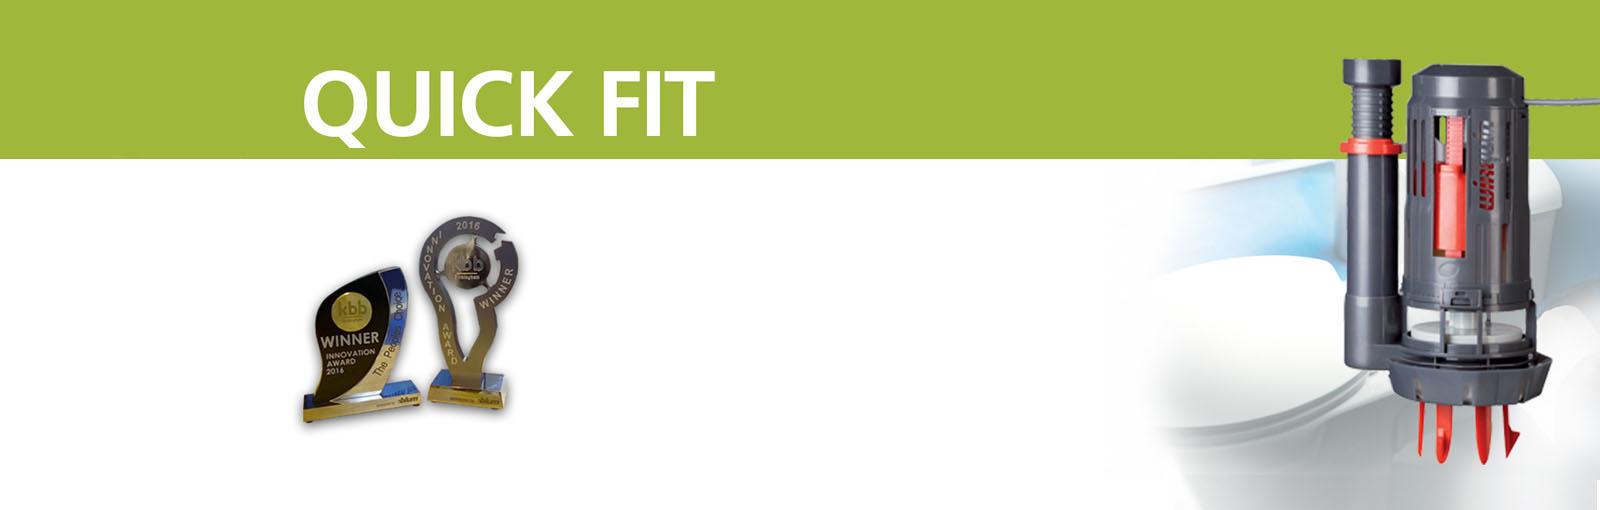 quick_fit_kbb